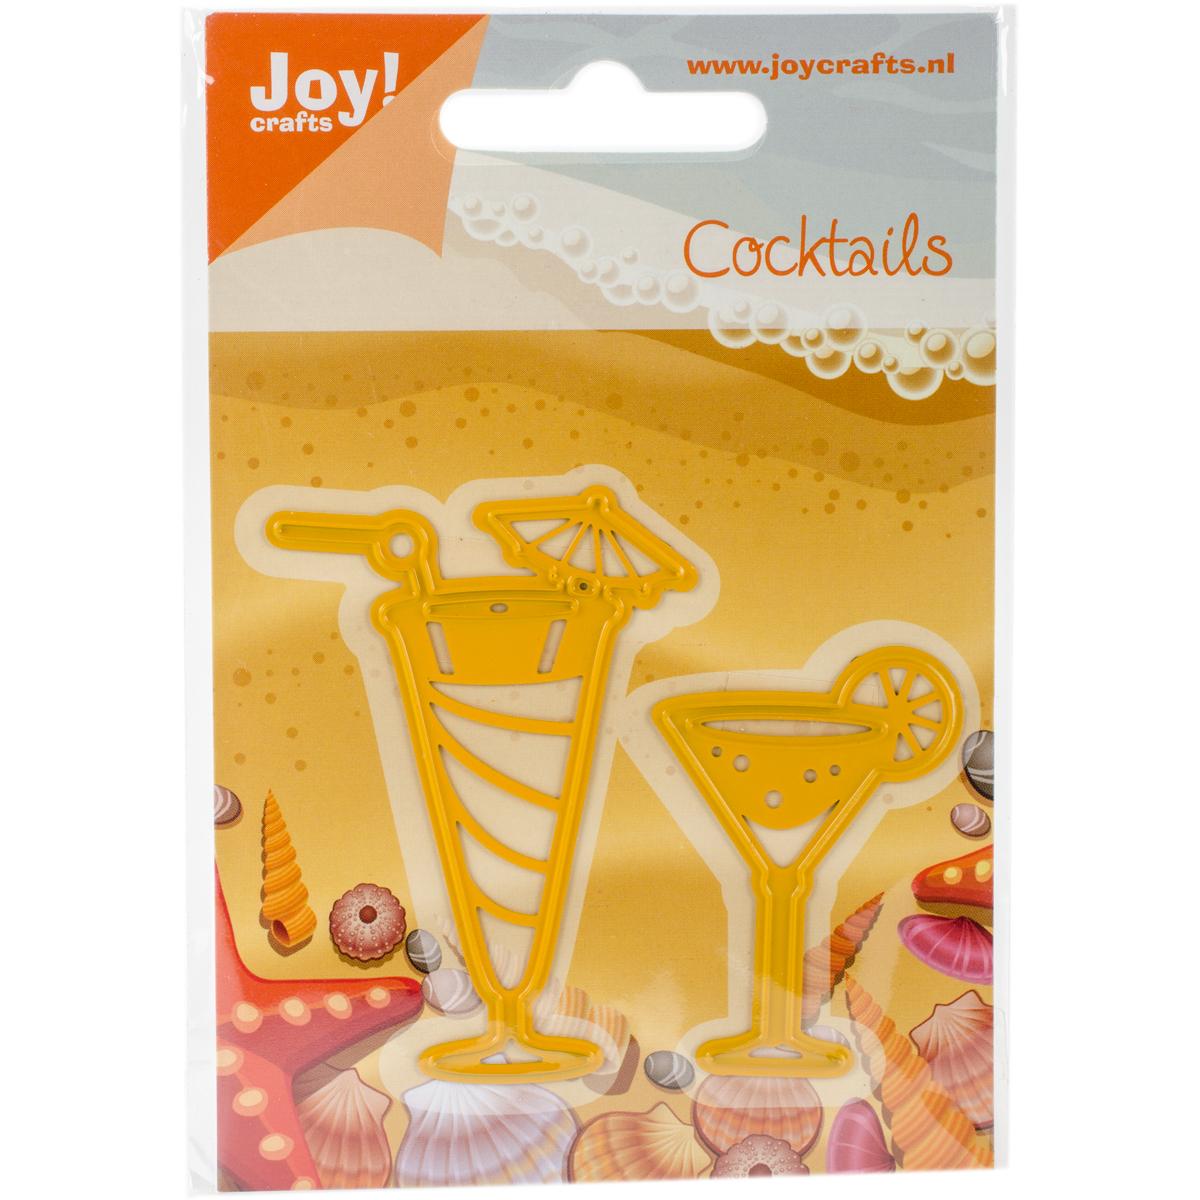 Joy! Crafts Cut & Emboss Die-Drinking Glasses 2